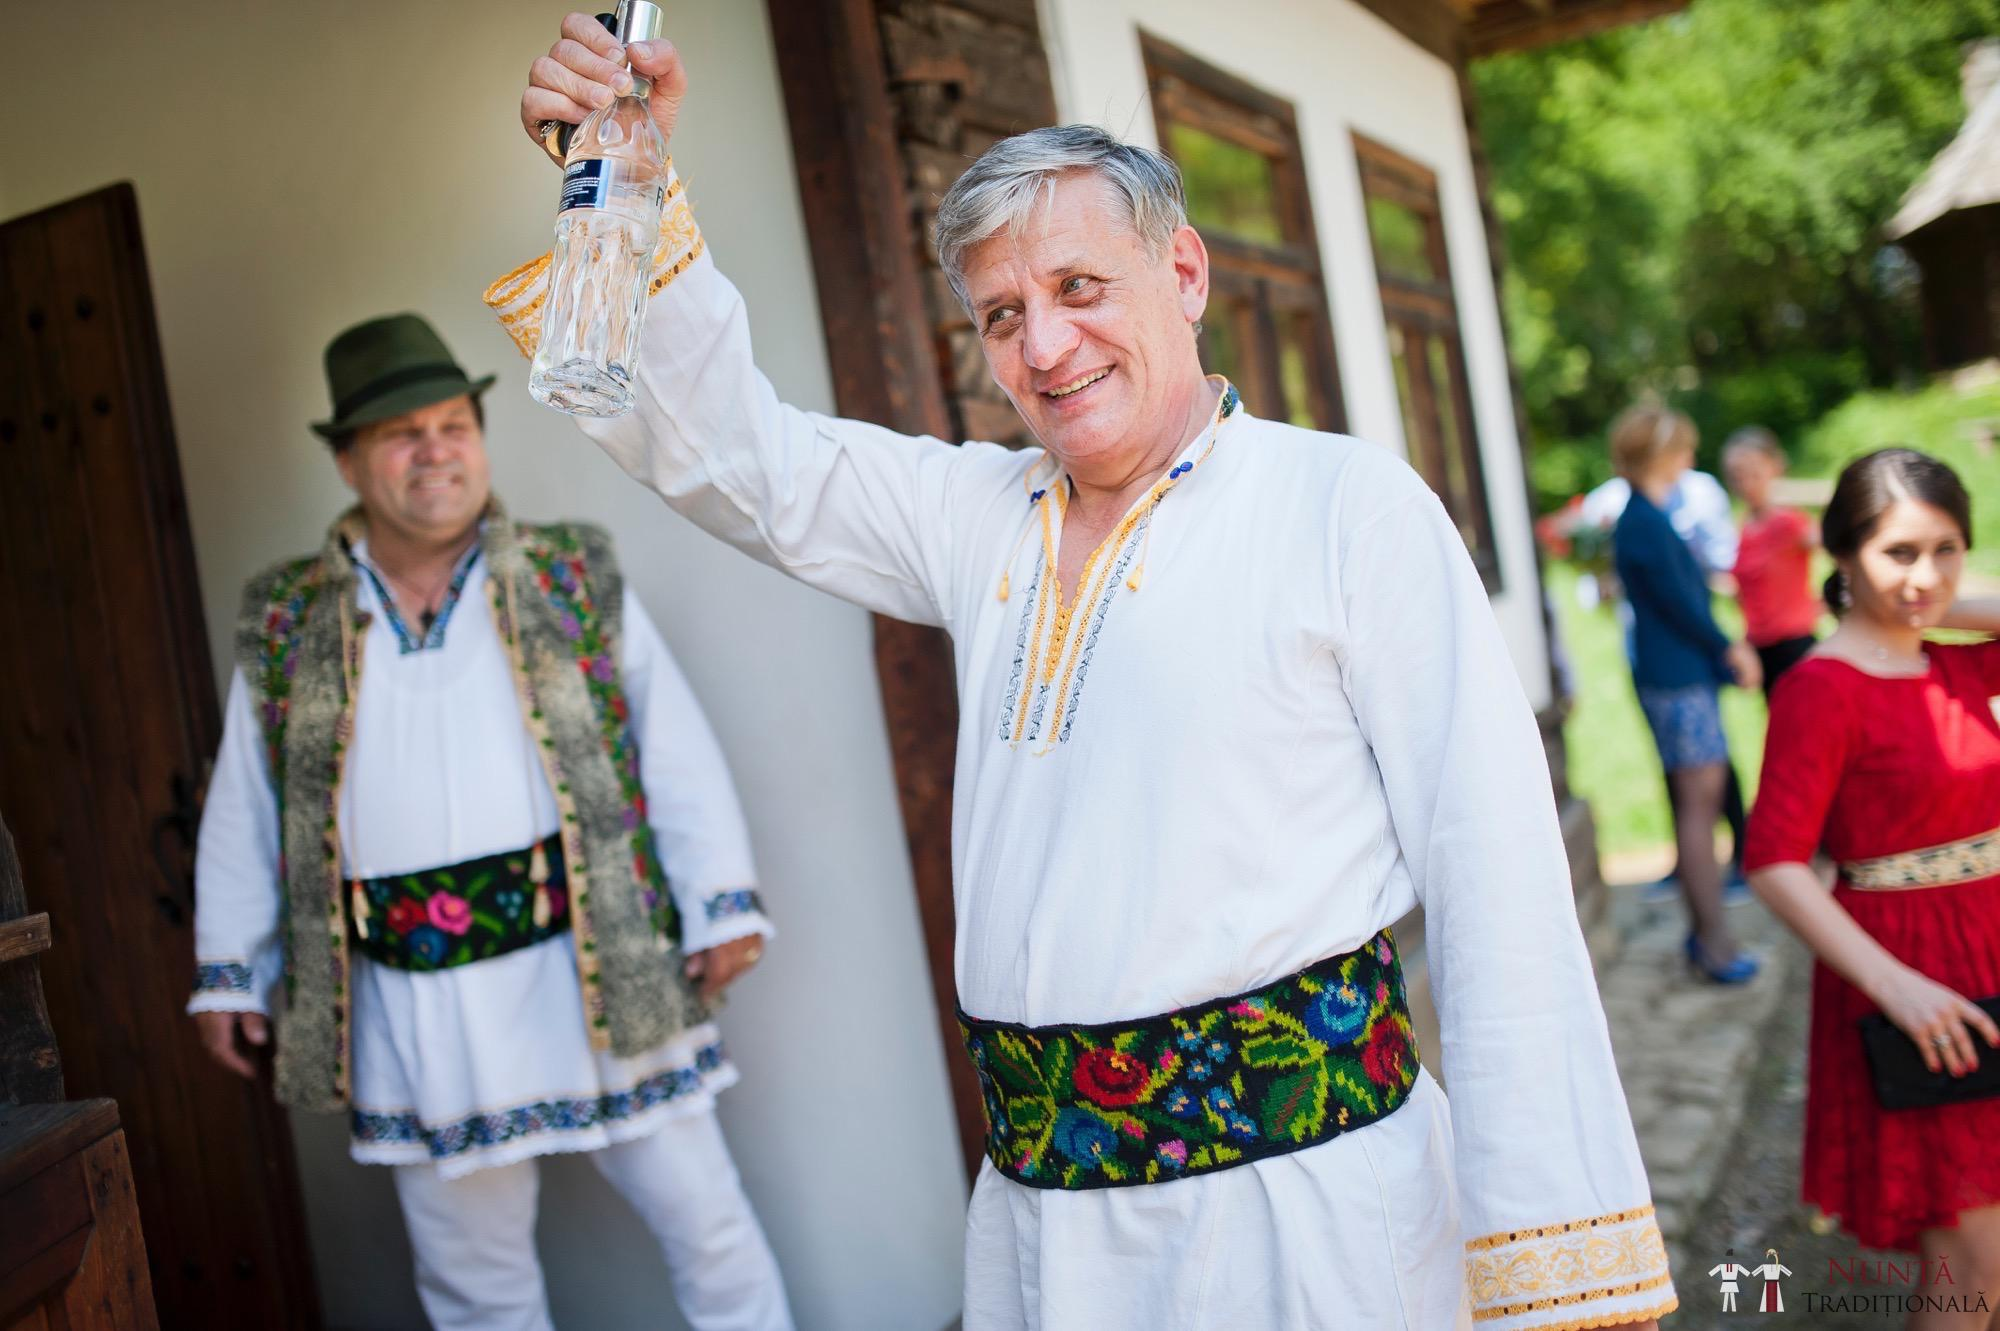 Povești Nunți Tradiționale - Gabriela și Mădălin - Nuntă Tradițională în Suceava, Bucovina 109